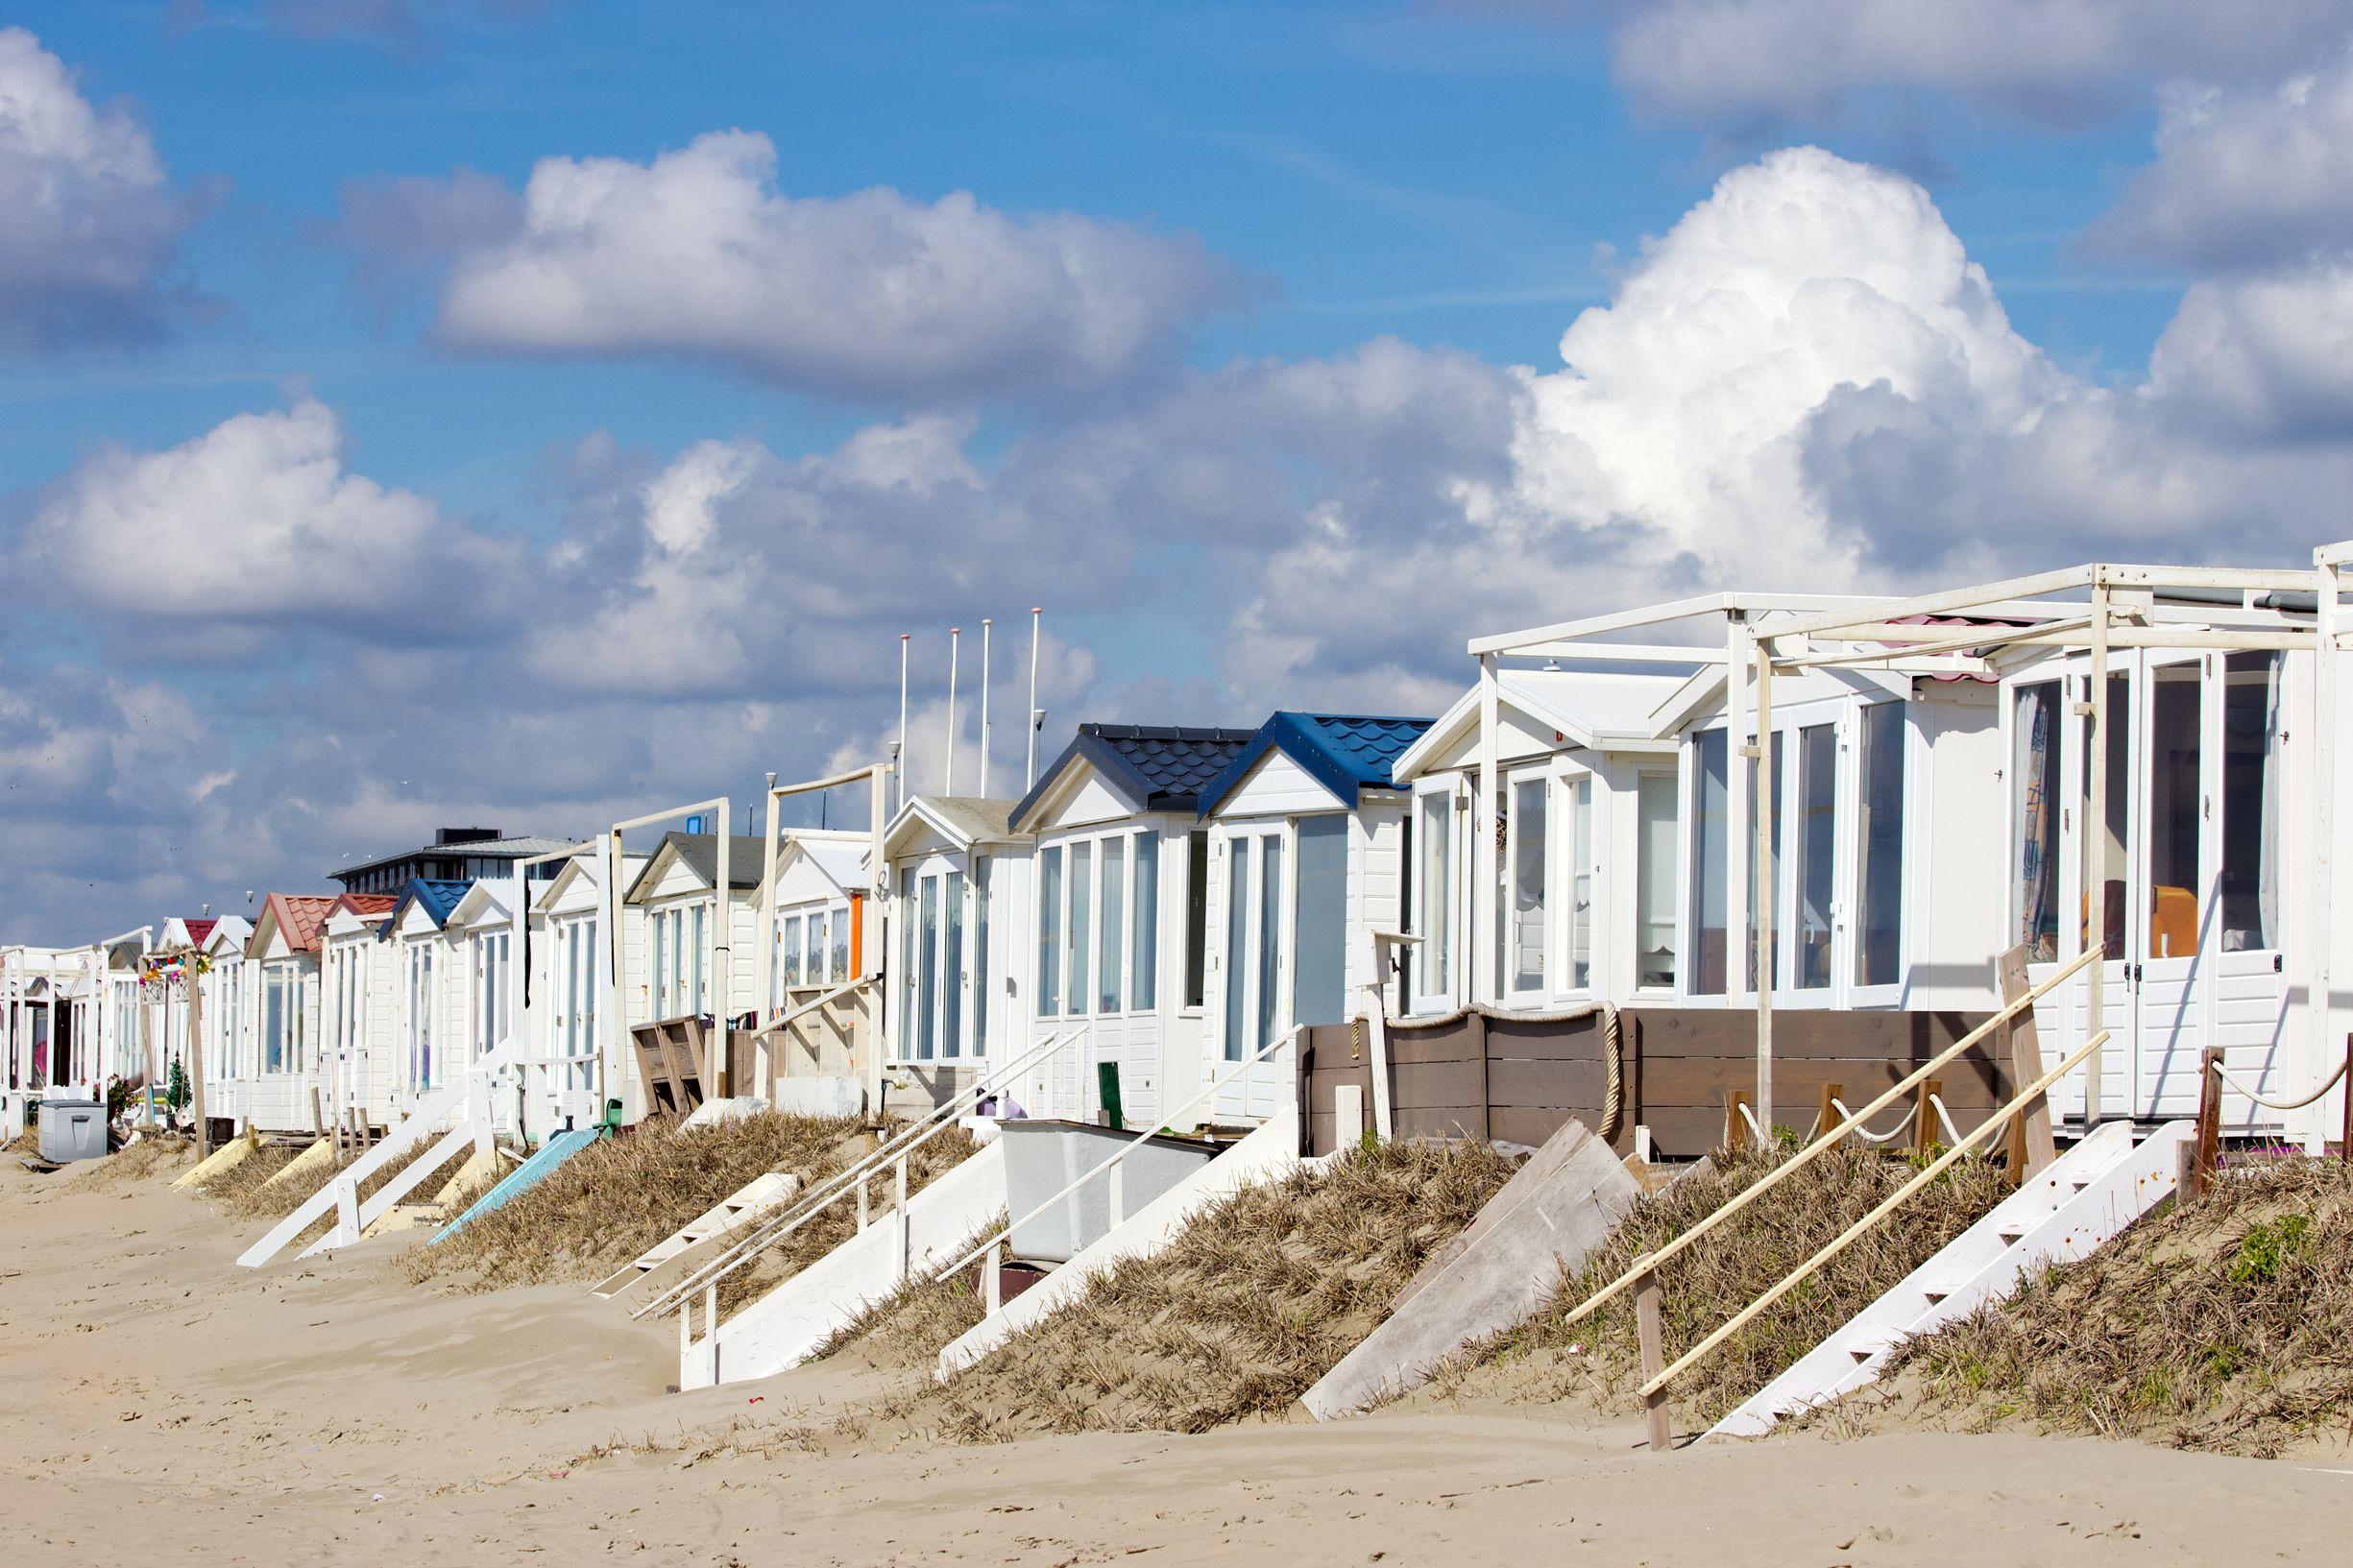 Zandvoort Urlaub Am Meer Nahe Amsterdam Reisen Urlaub Holland Urlaub Und Urlaub Nordsee